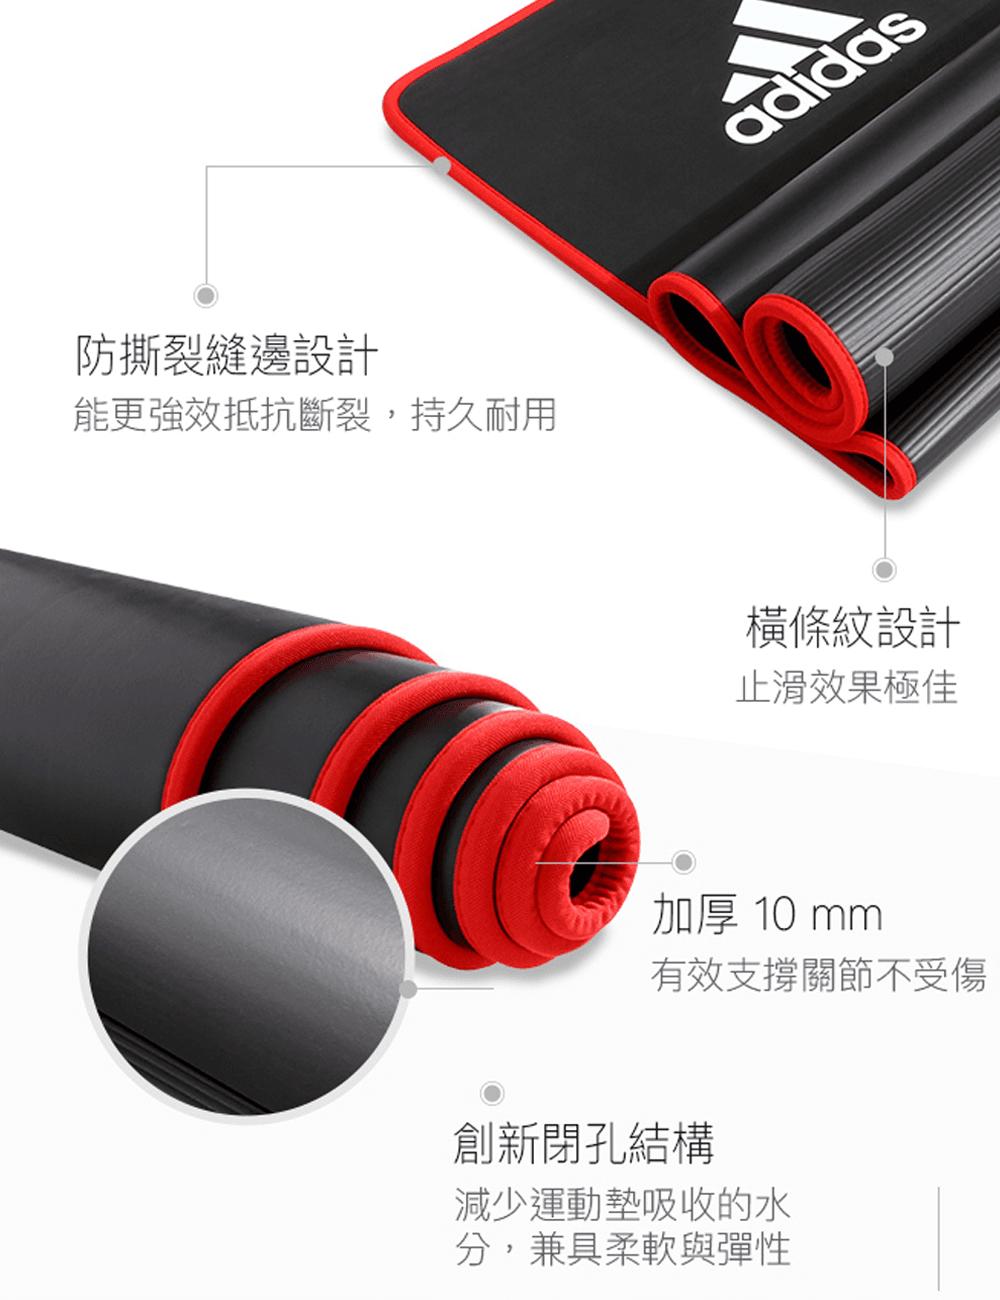 【adidas】專業加厚訓練運動墊(10mm) 6